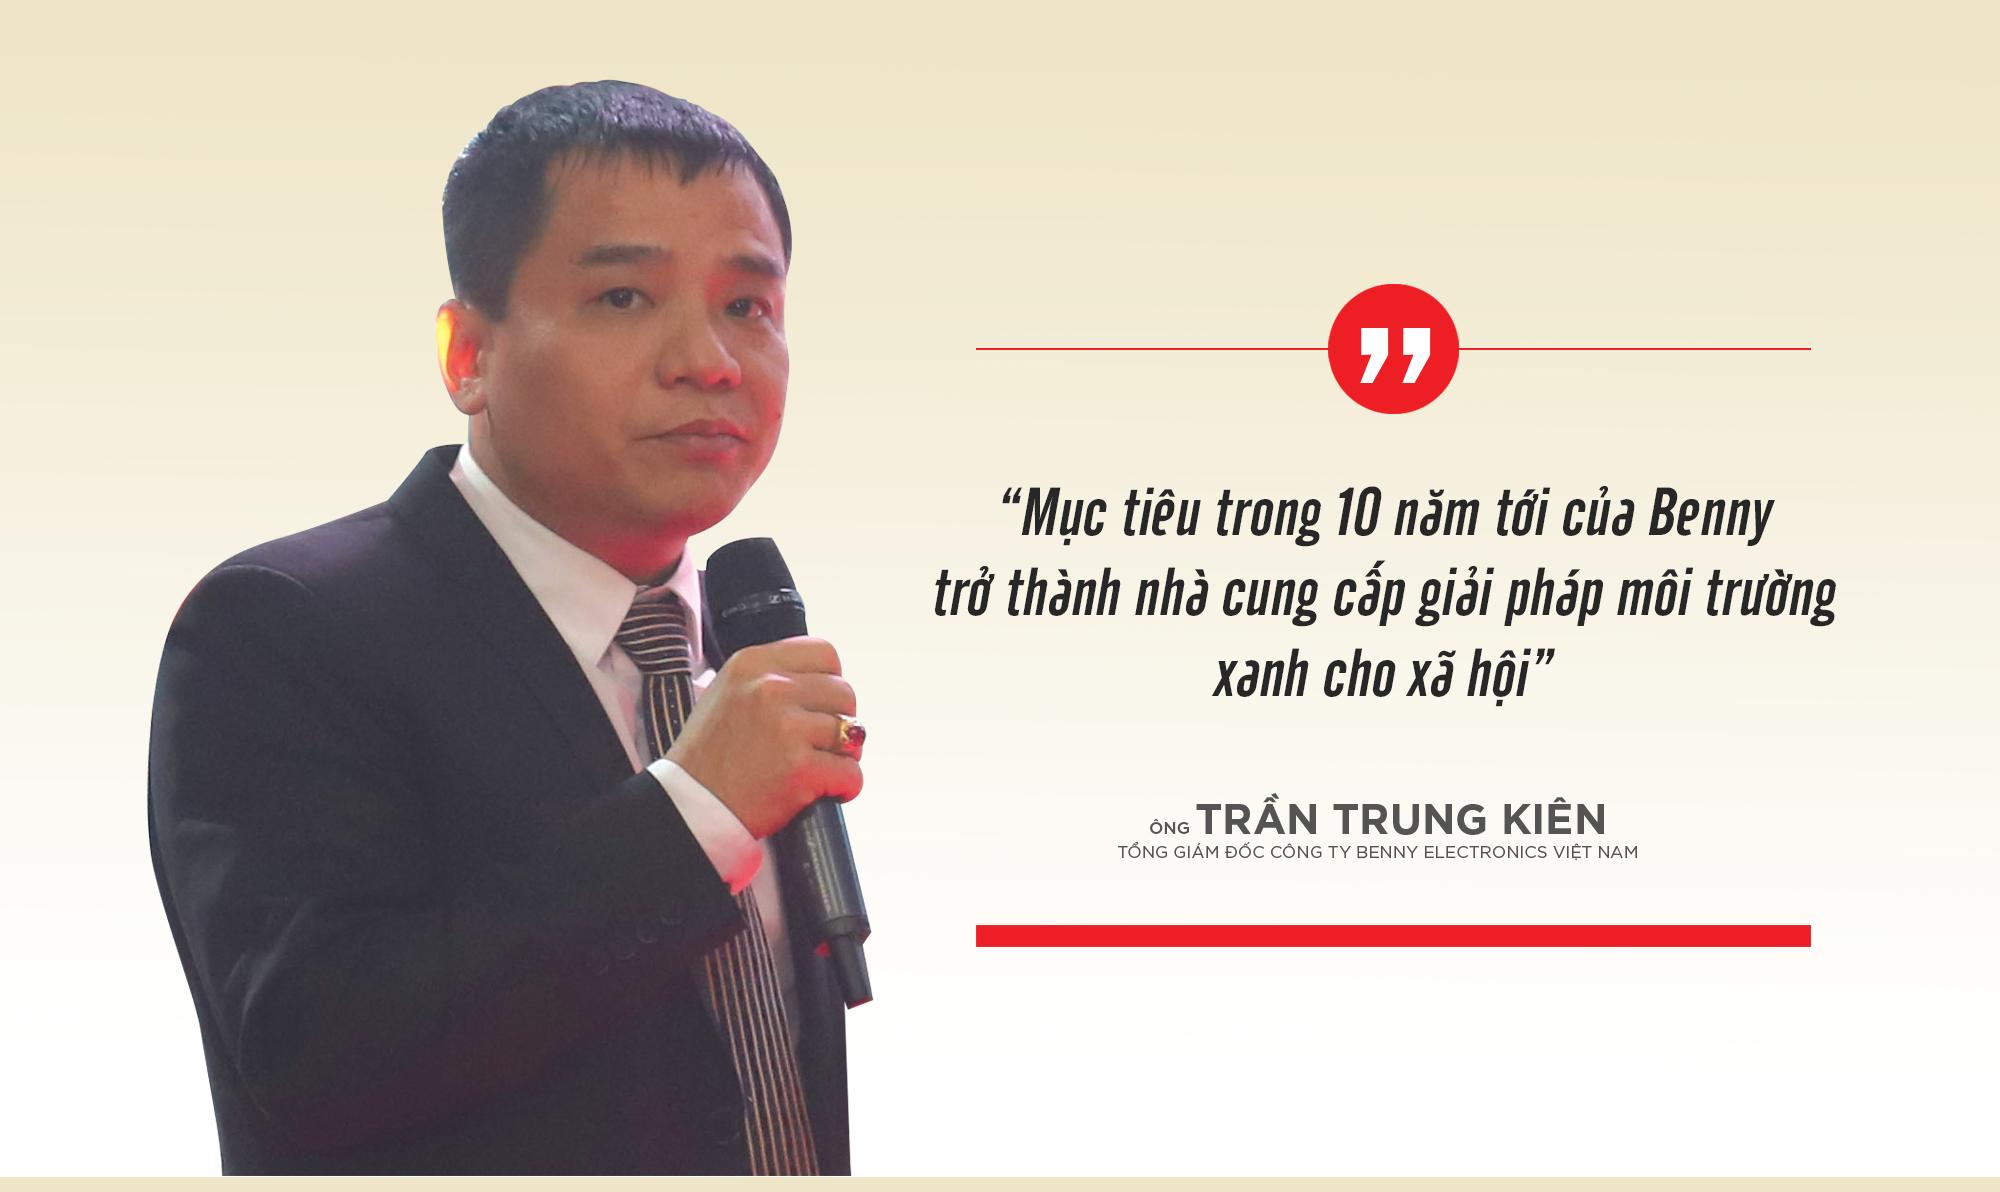 Benny Electronics và hành trình chiếm lĩnh trái tim người tiêu dùng Việt - Ảnh 9.